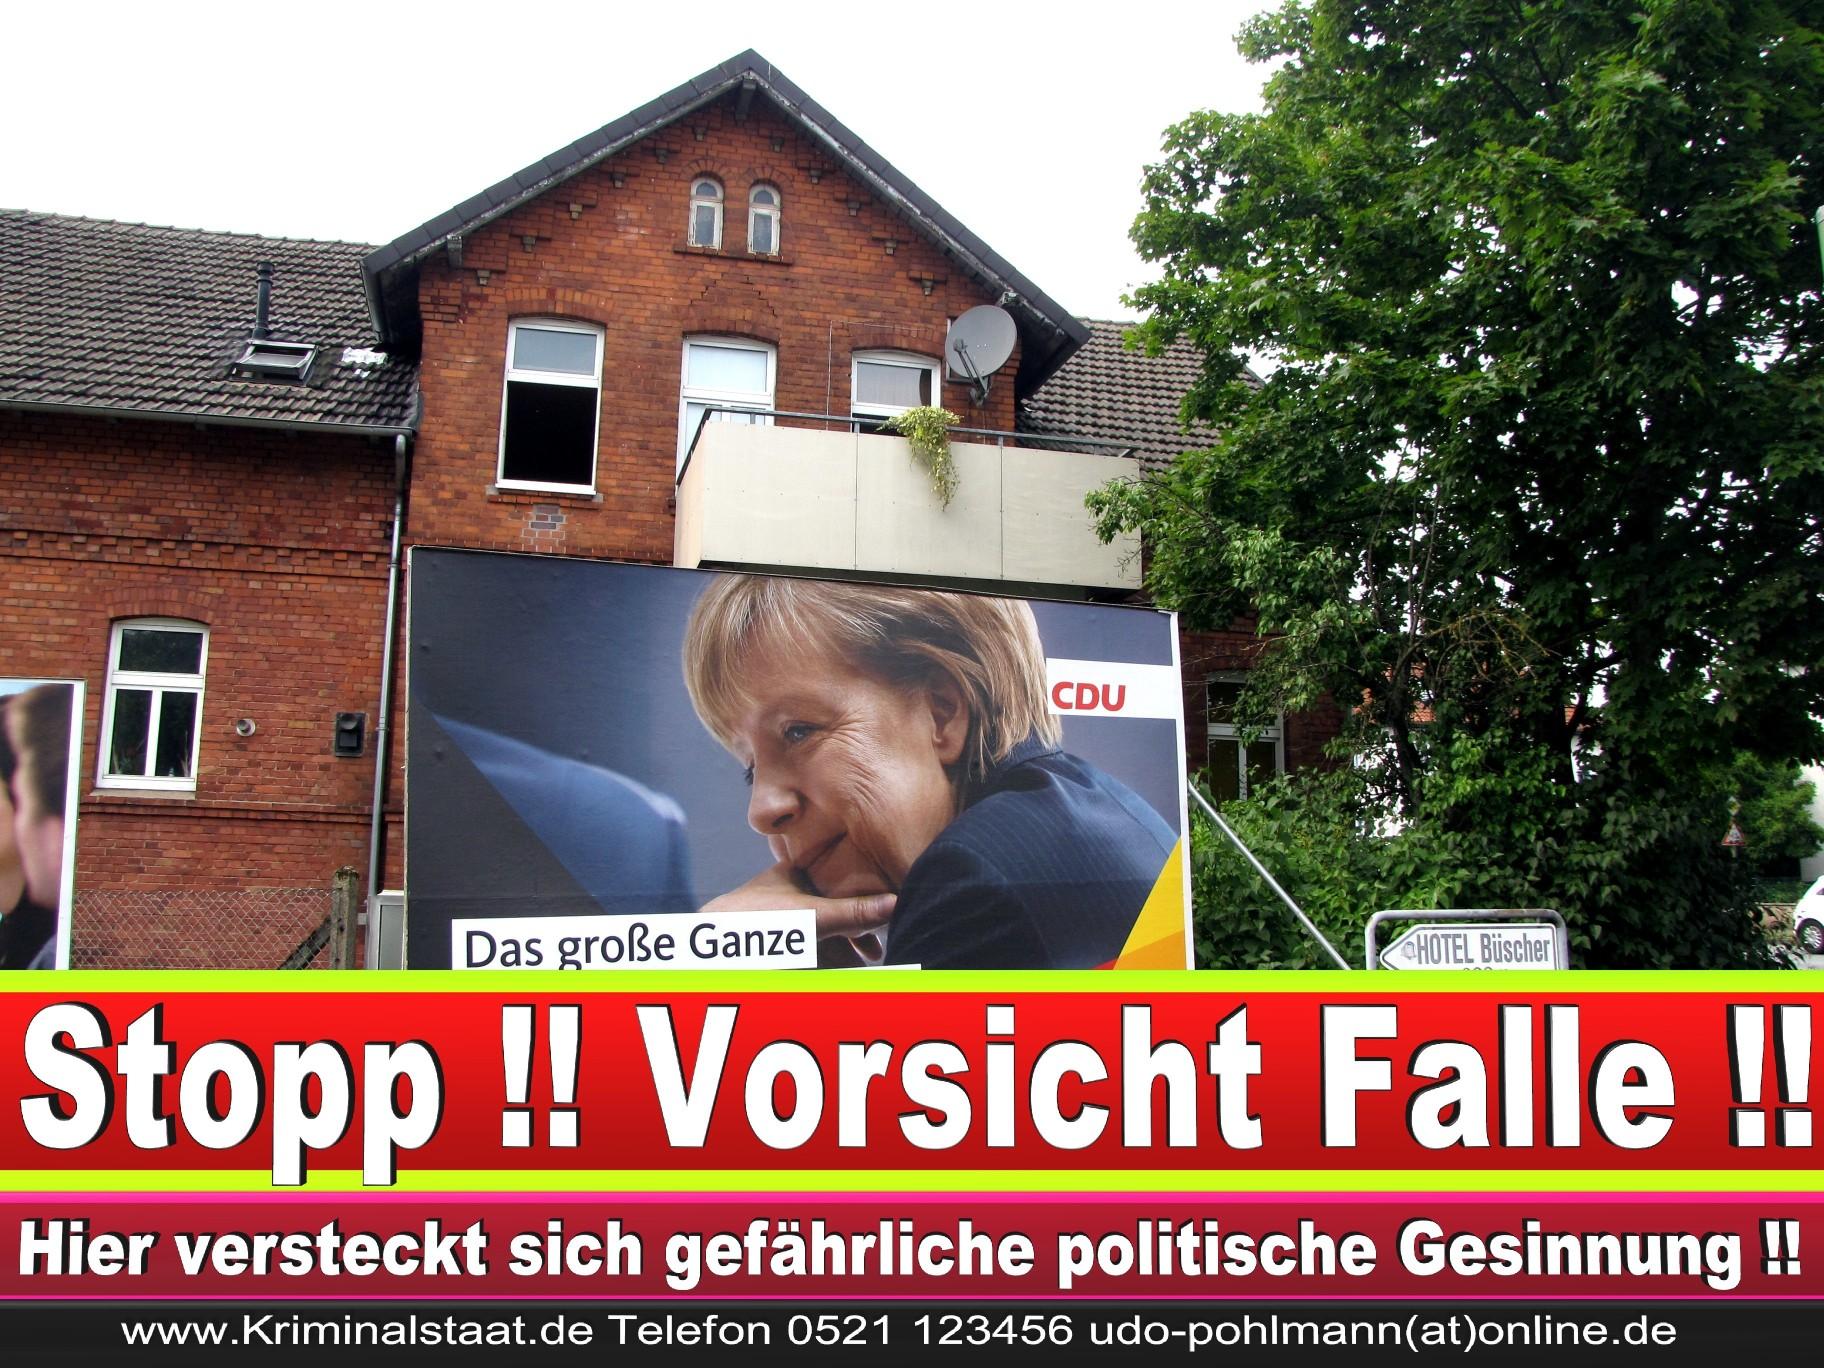 Wahlwerbung Wahlplakate Landtagswahl 2019 Europawahl CDU SPD FDP 2021 (78)